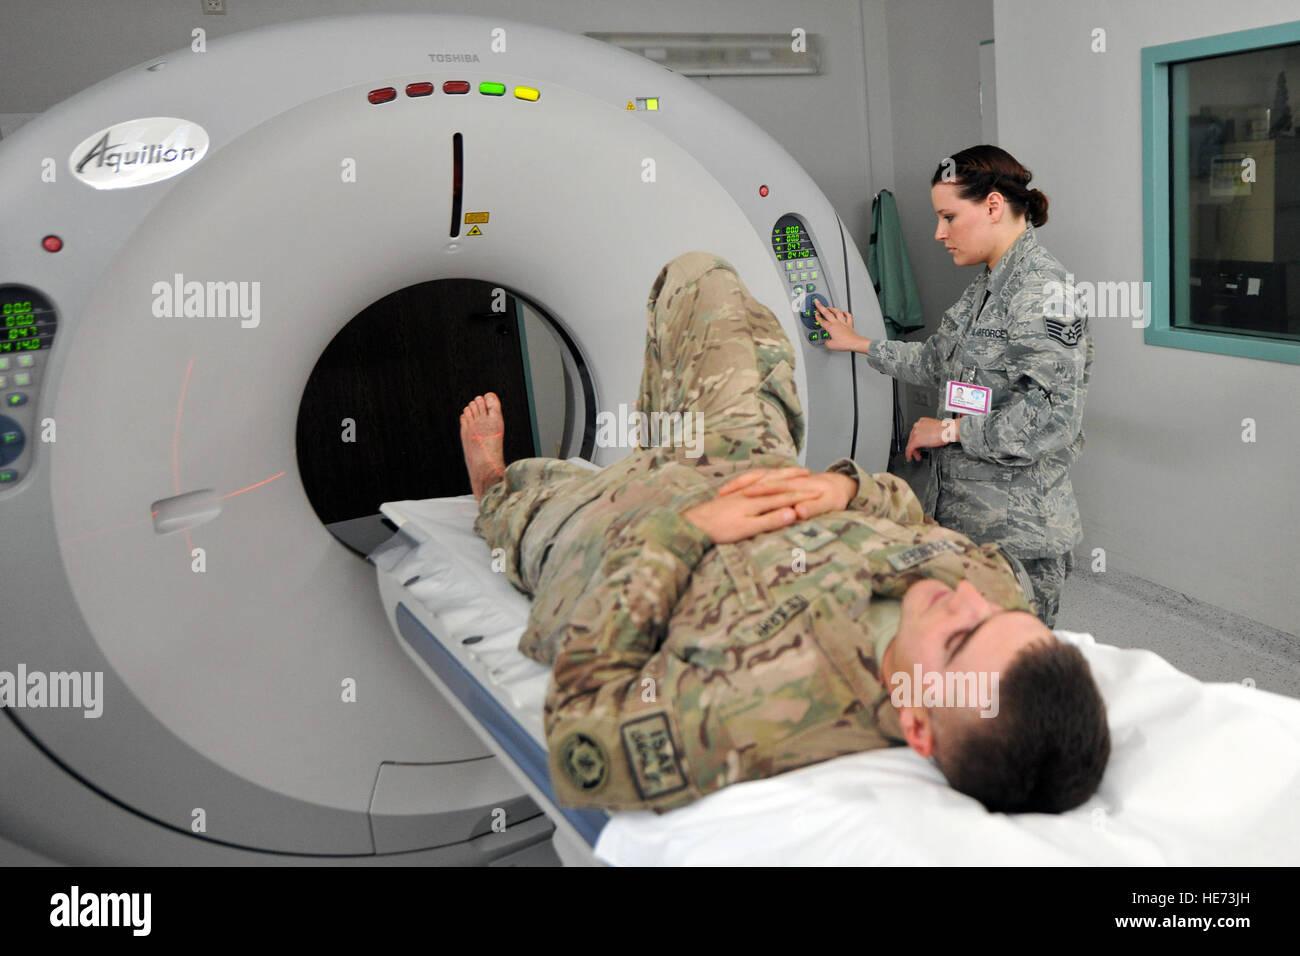 Fein X Ray Techniker Setzen Das Ziel Fort Fotos - Entry Level Resume ...